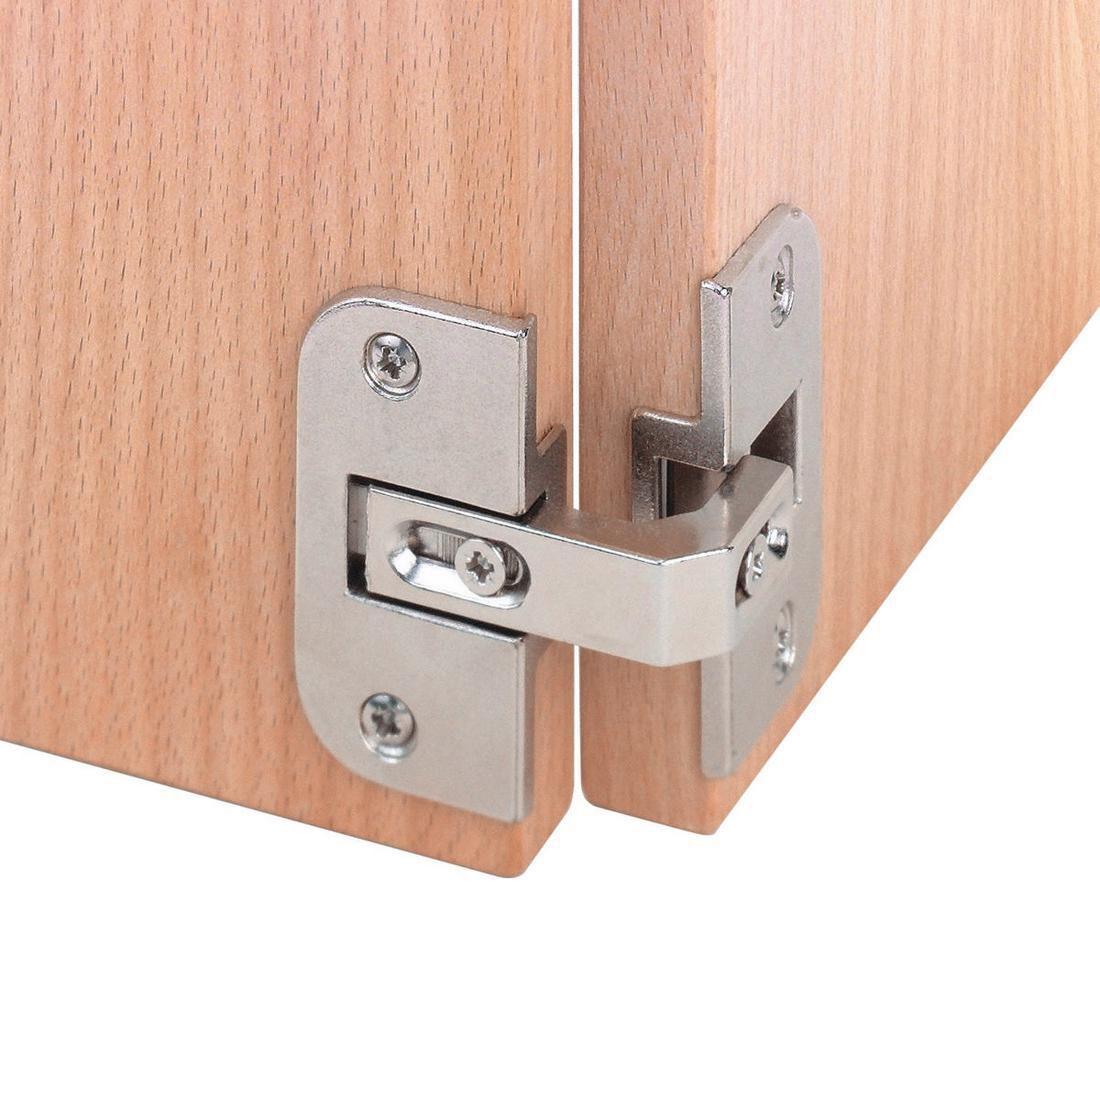 Glass Door Cabinet Hinges The 75t4100 Clip Top 95 Degree Glass Door Hinge By Blum Is For